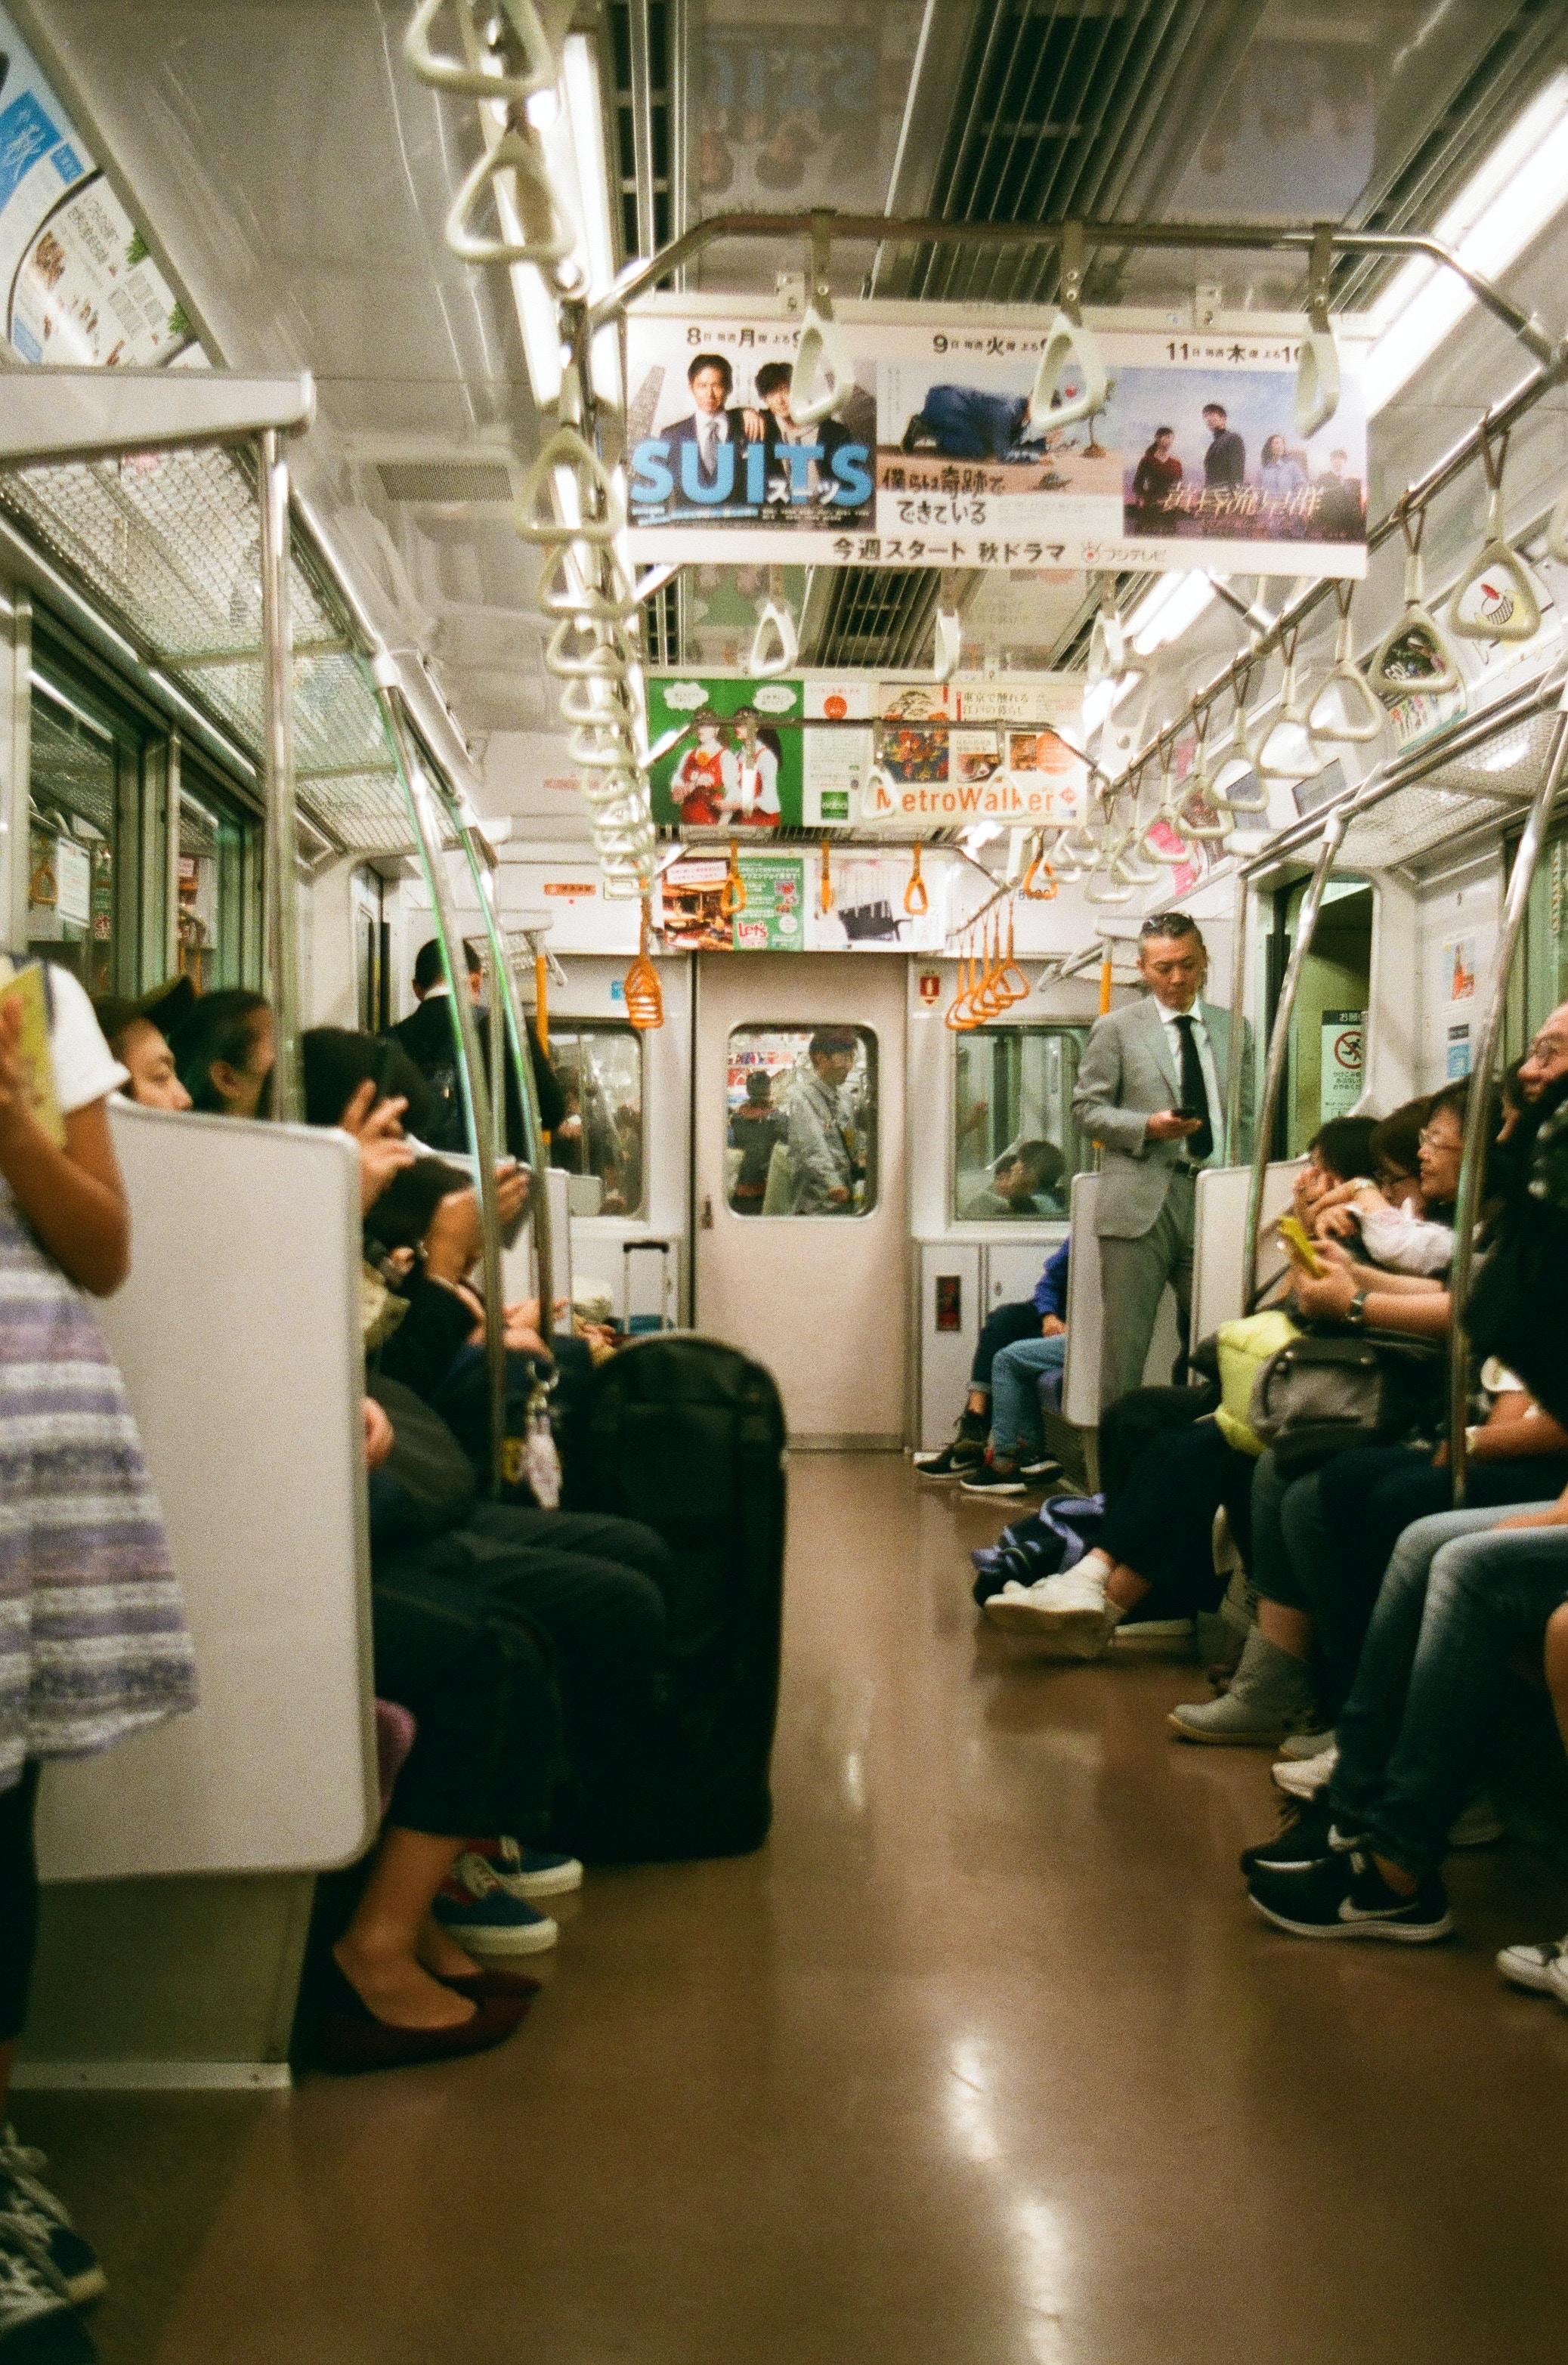 Subway car on Japanese underground railway